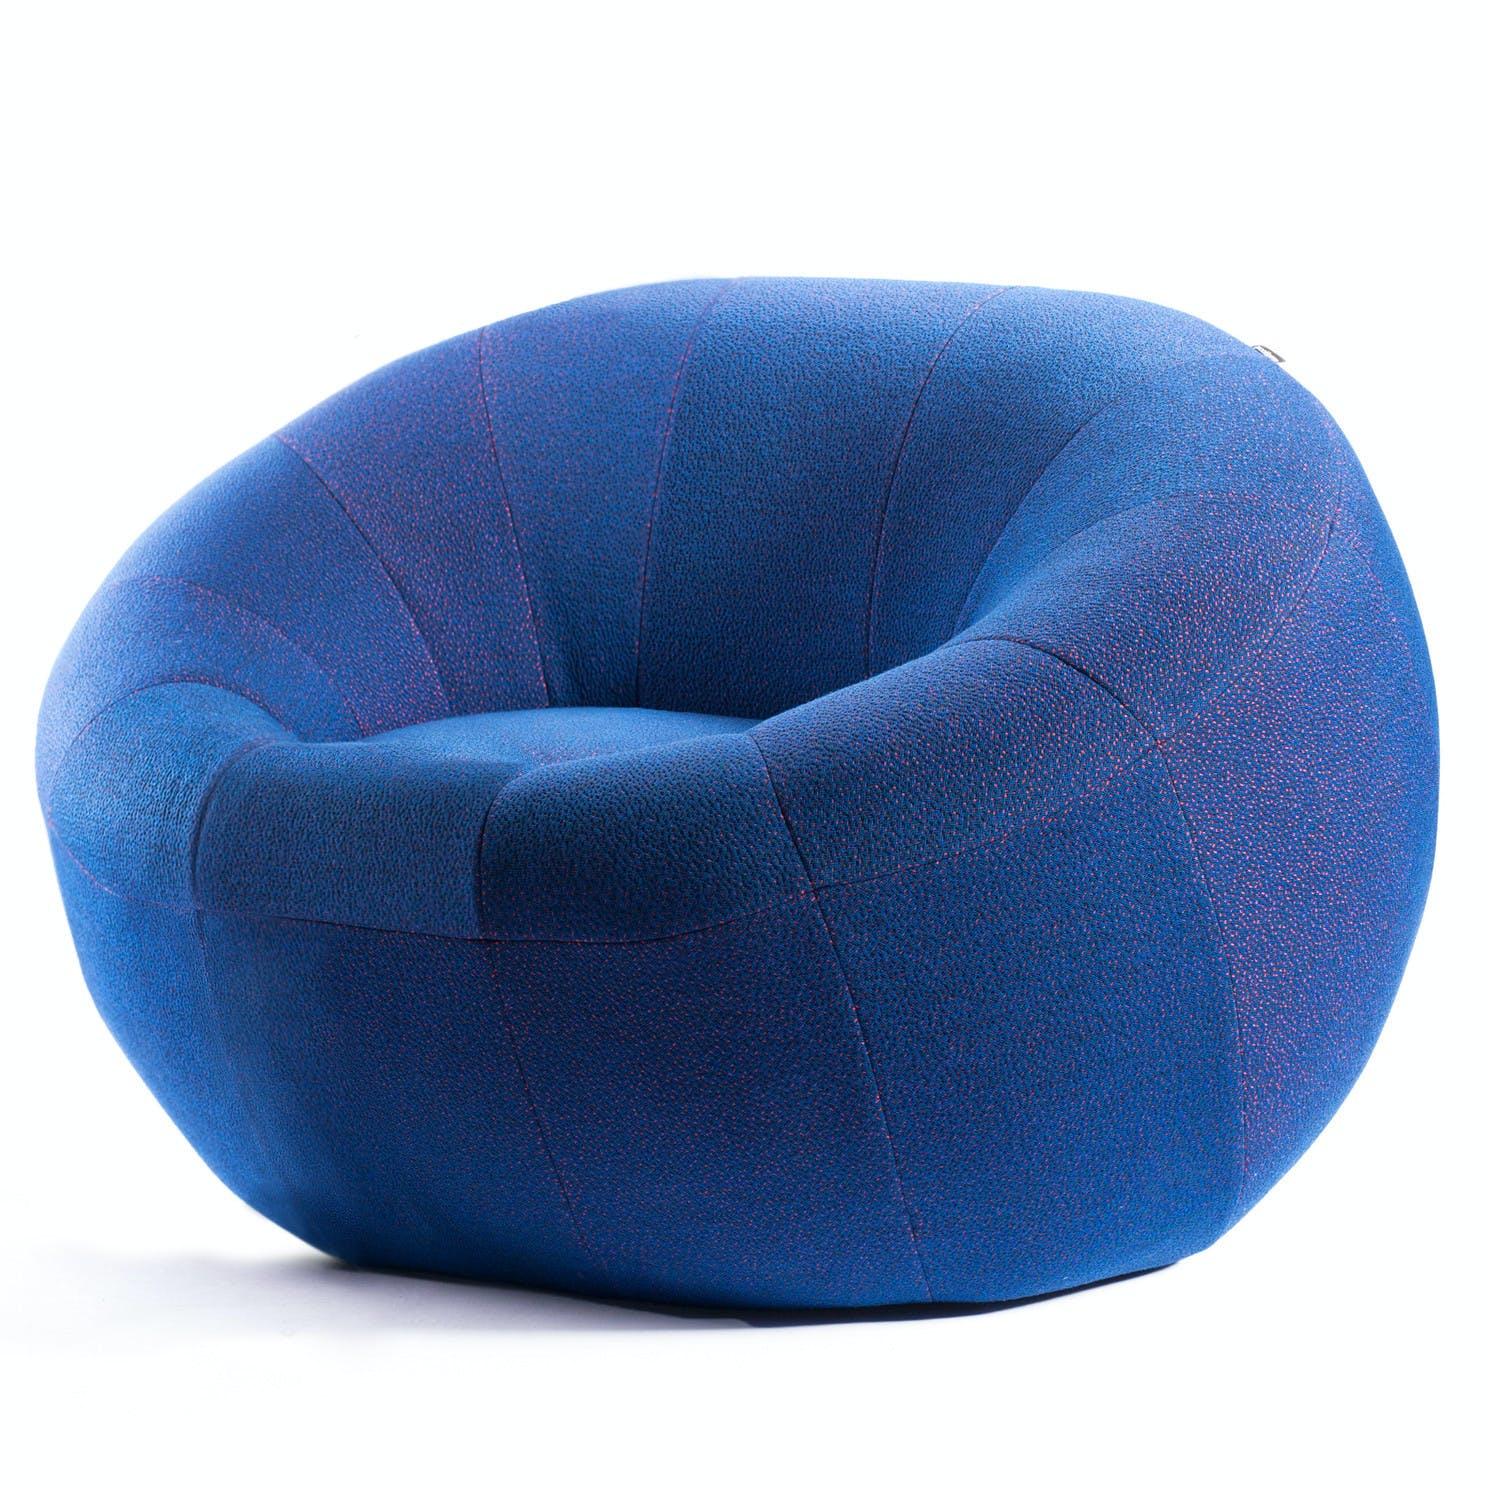 Capsule Chair 1